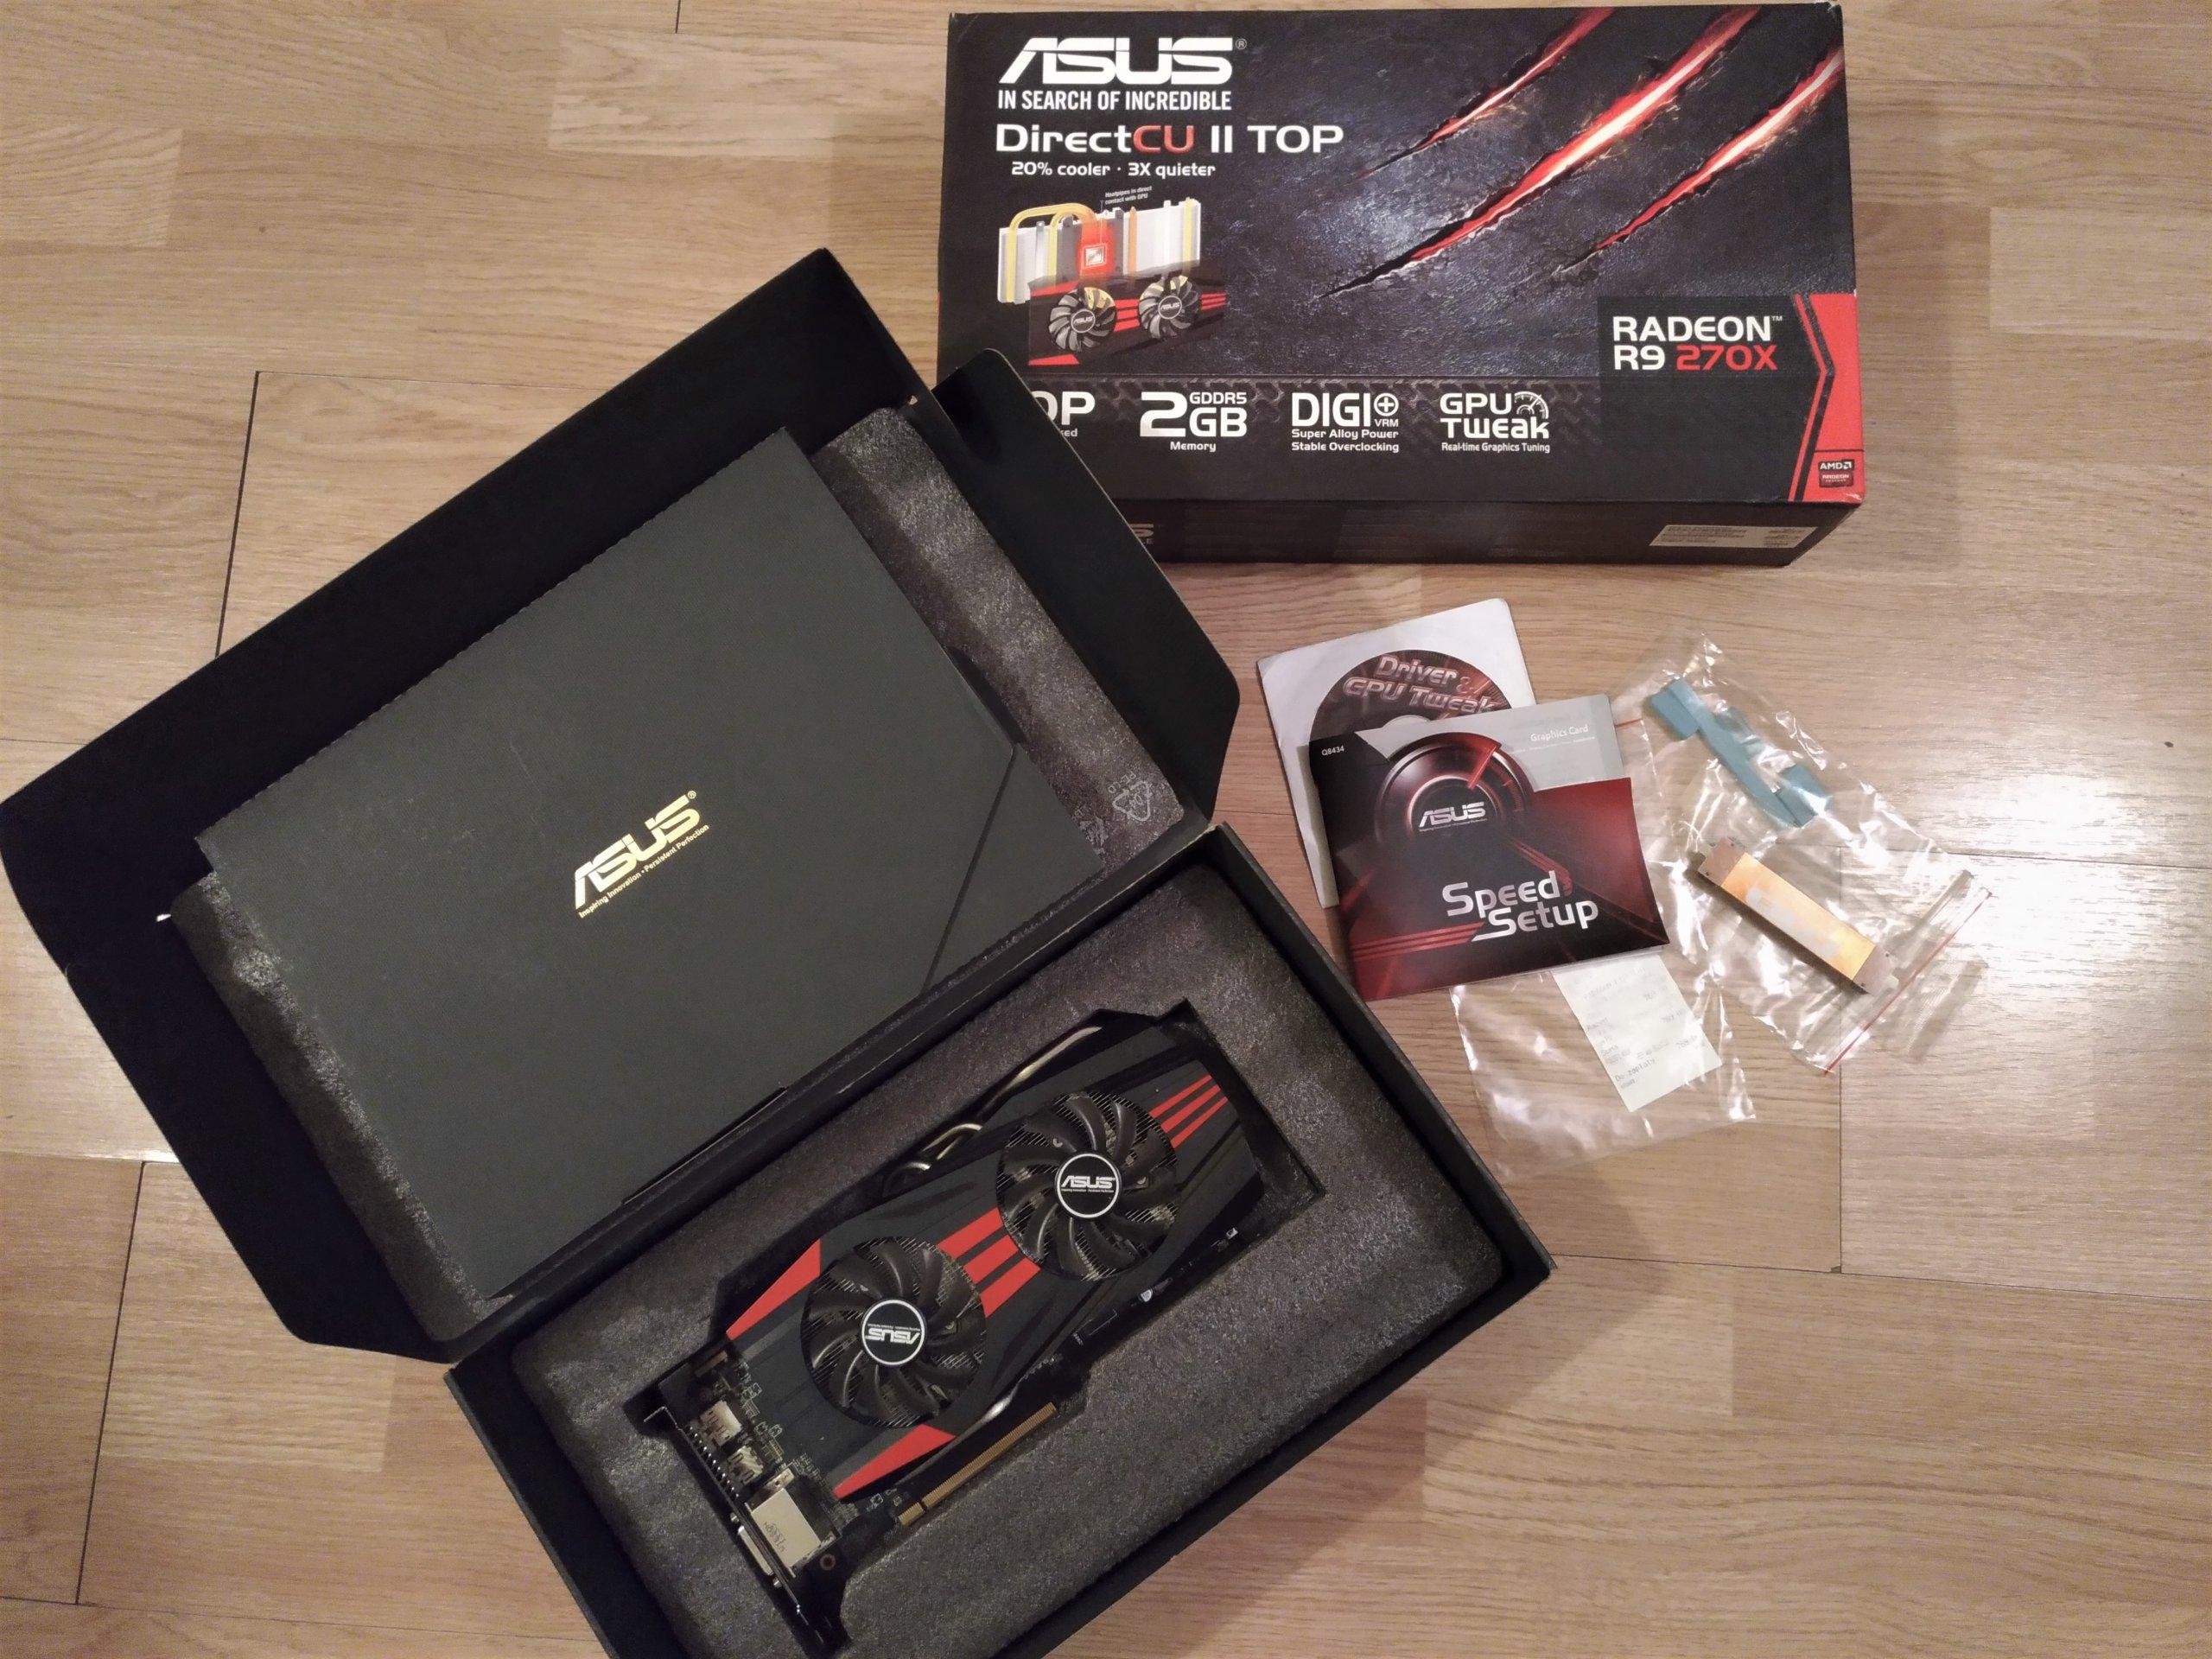 ASUS RADEON R9 270X DirectCU II TOP 2GB - 7020446426